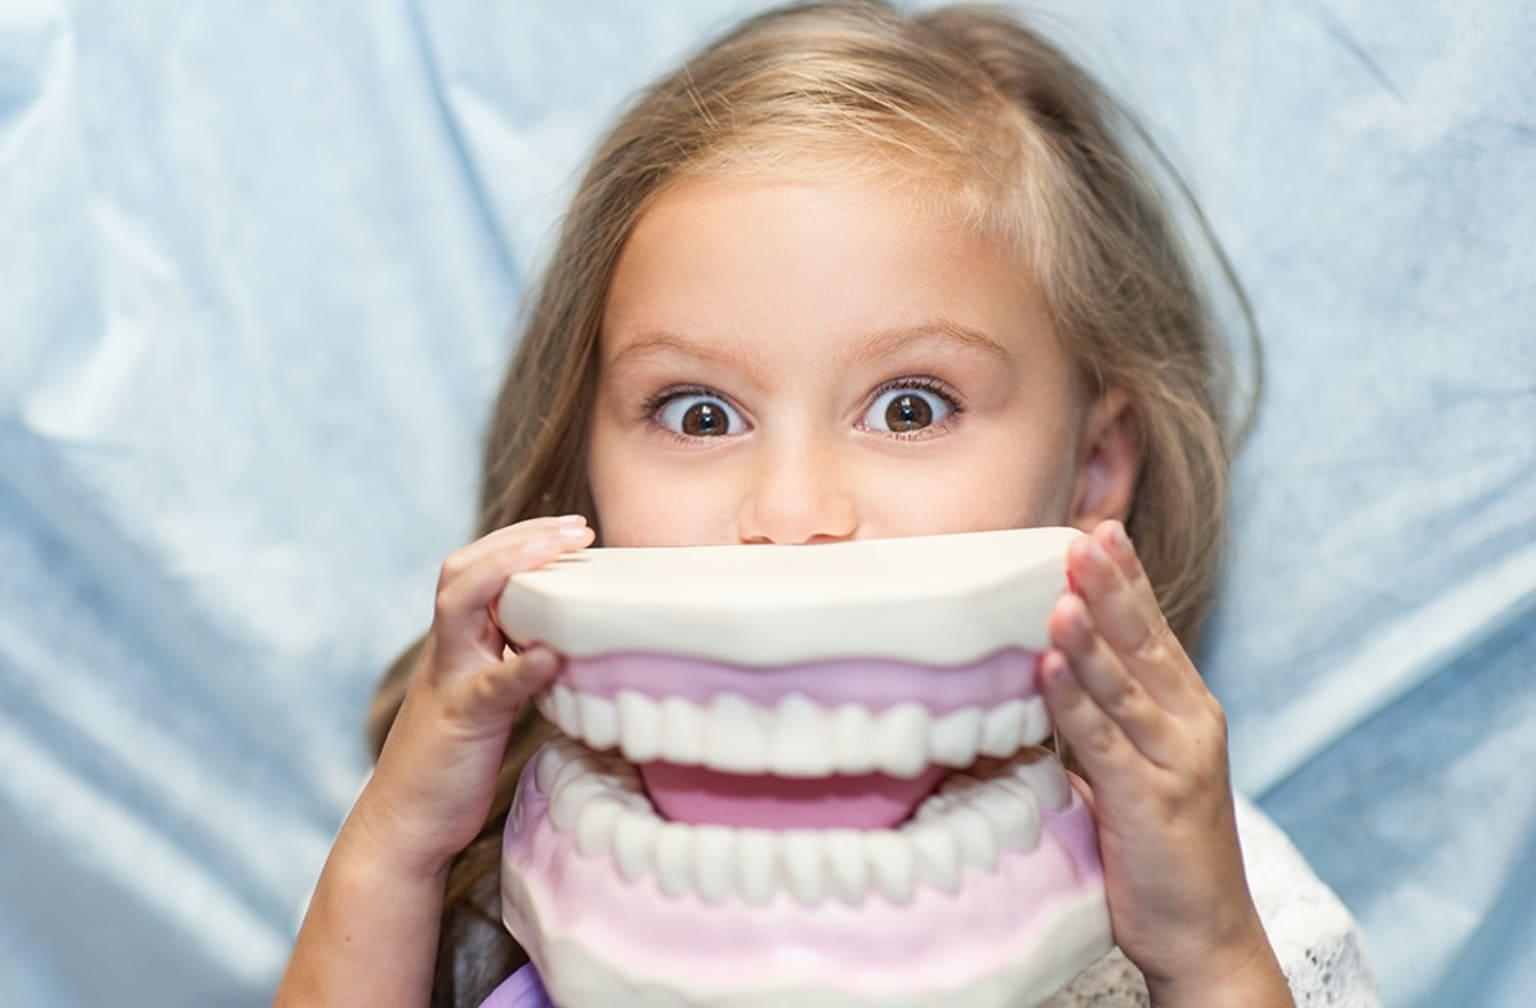 Пластика уздечек, губы и языка